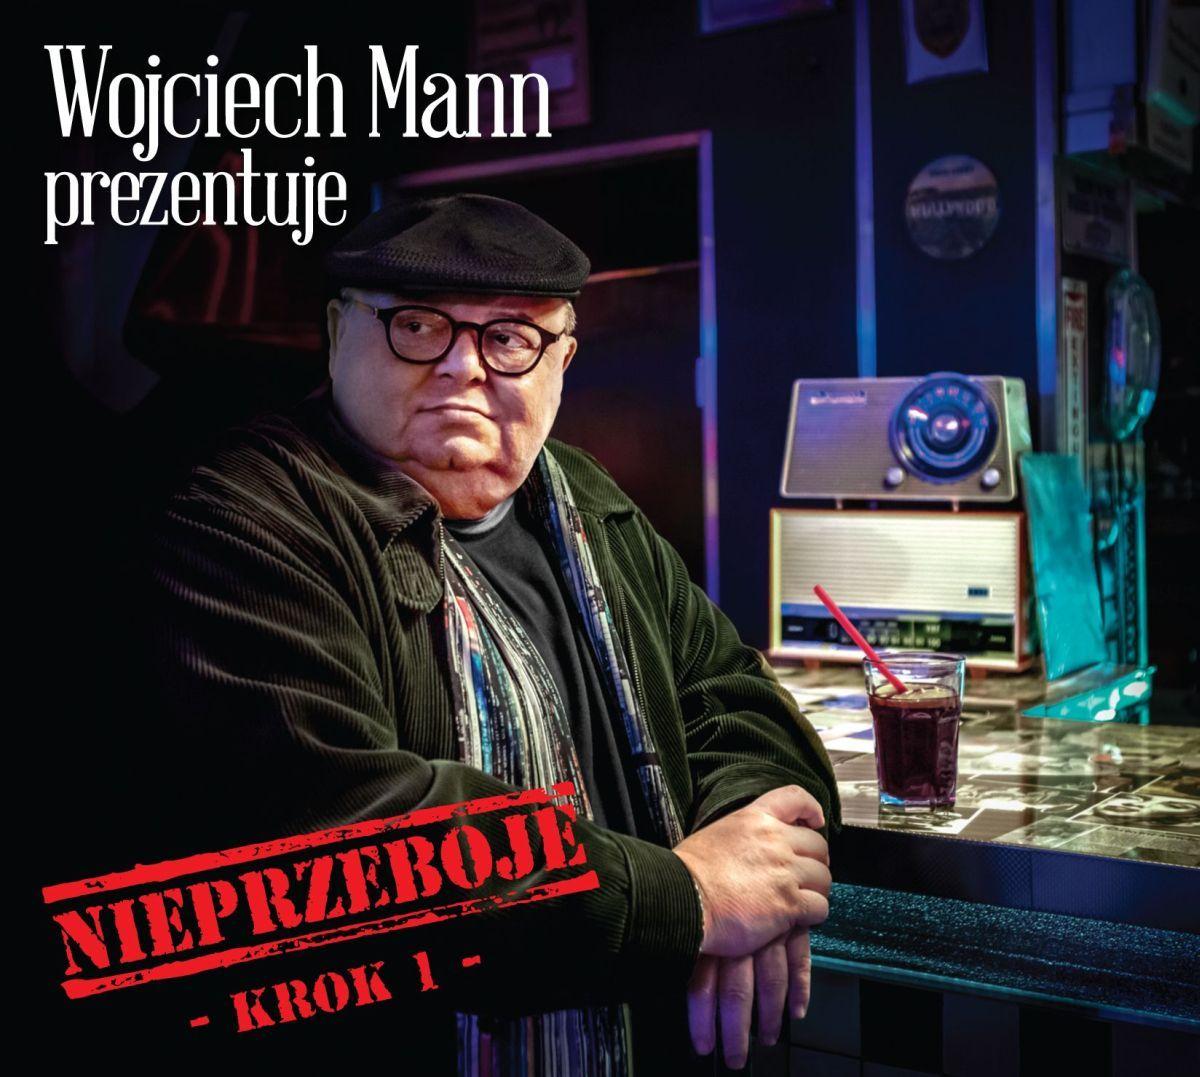 Mann Wojciech – Nieprzeboje. Krok 1